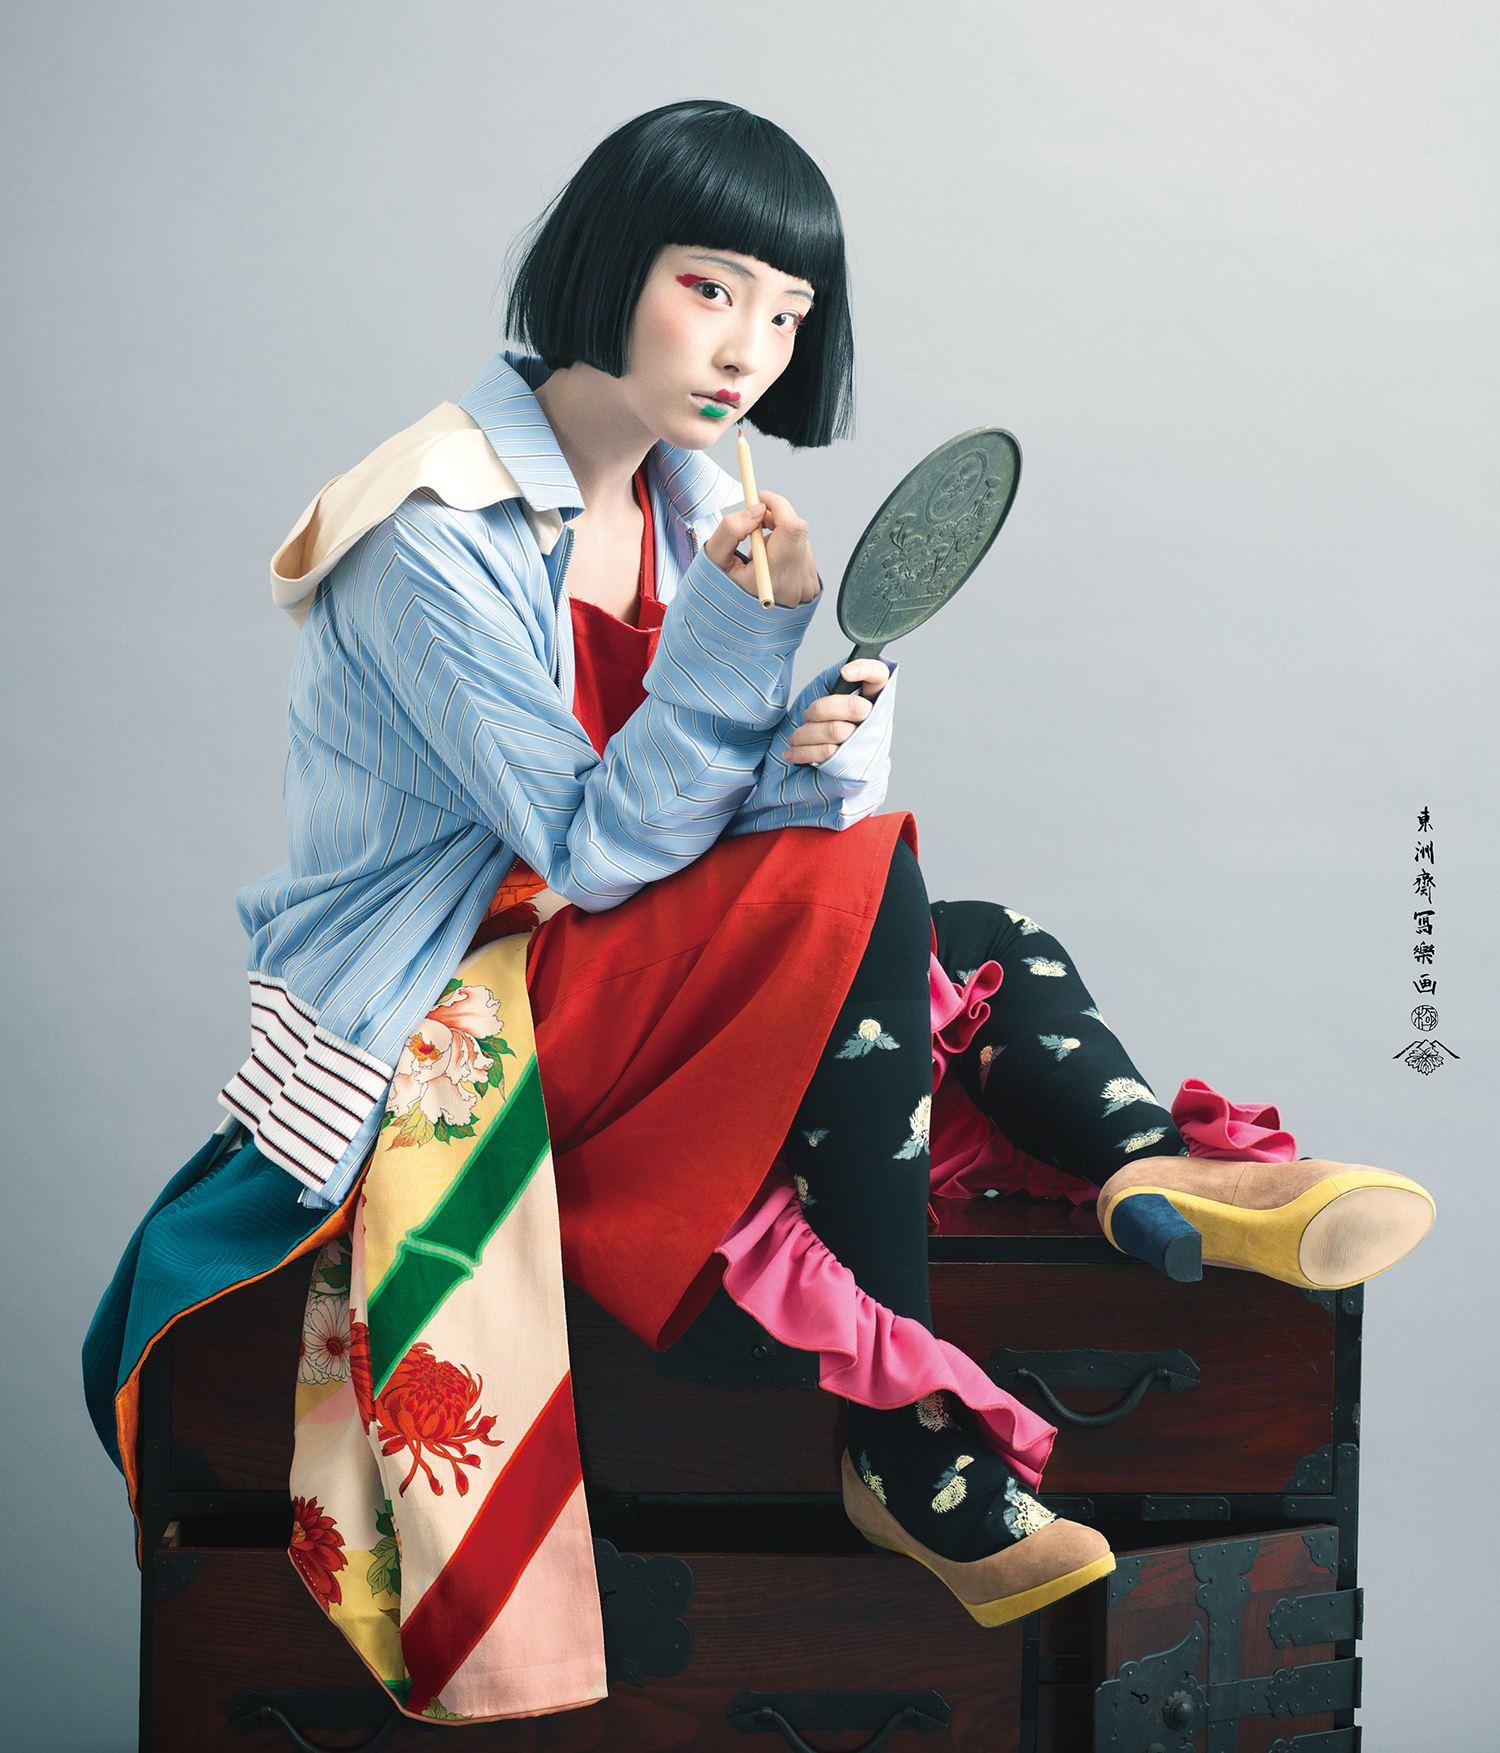 Sharaku Poster by YASUHITO TAKEUCHI, geisha style